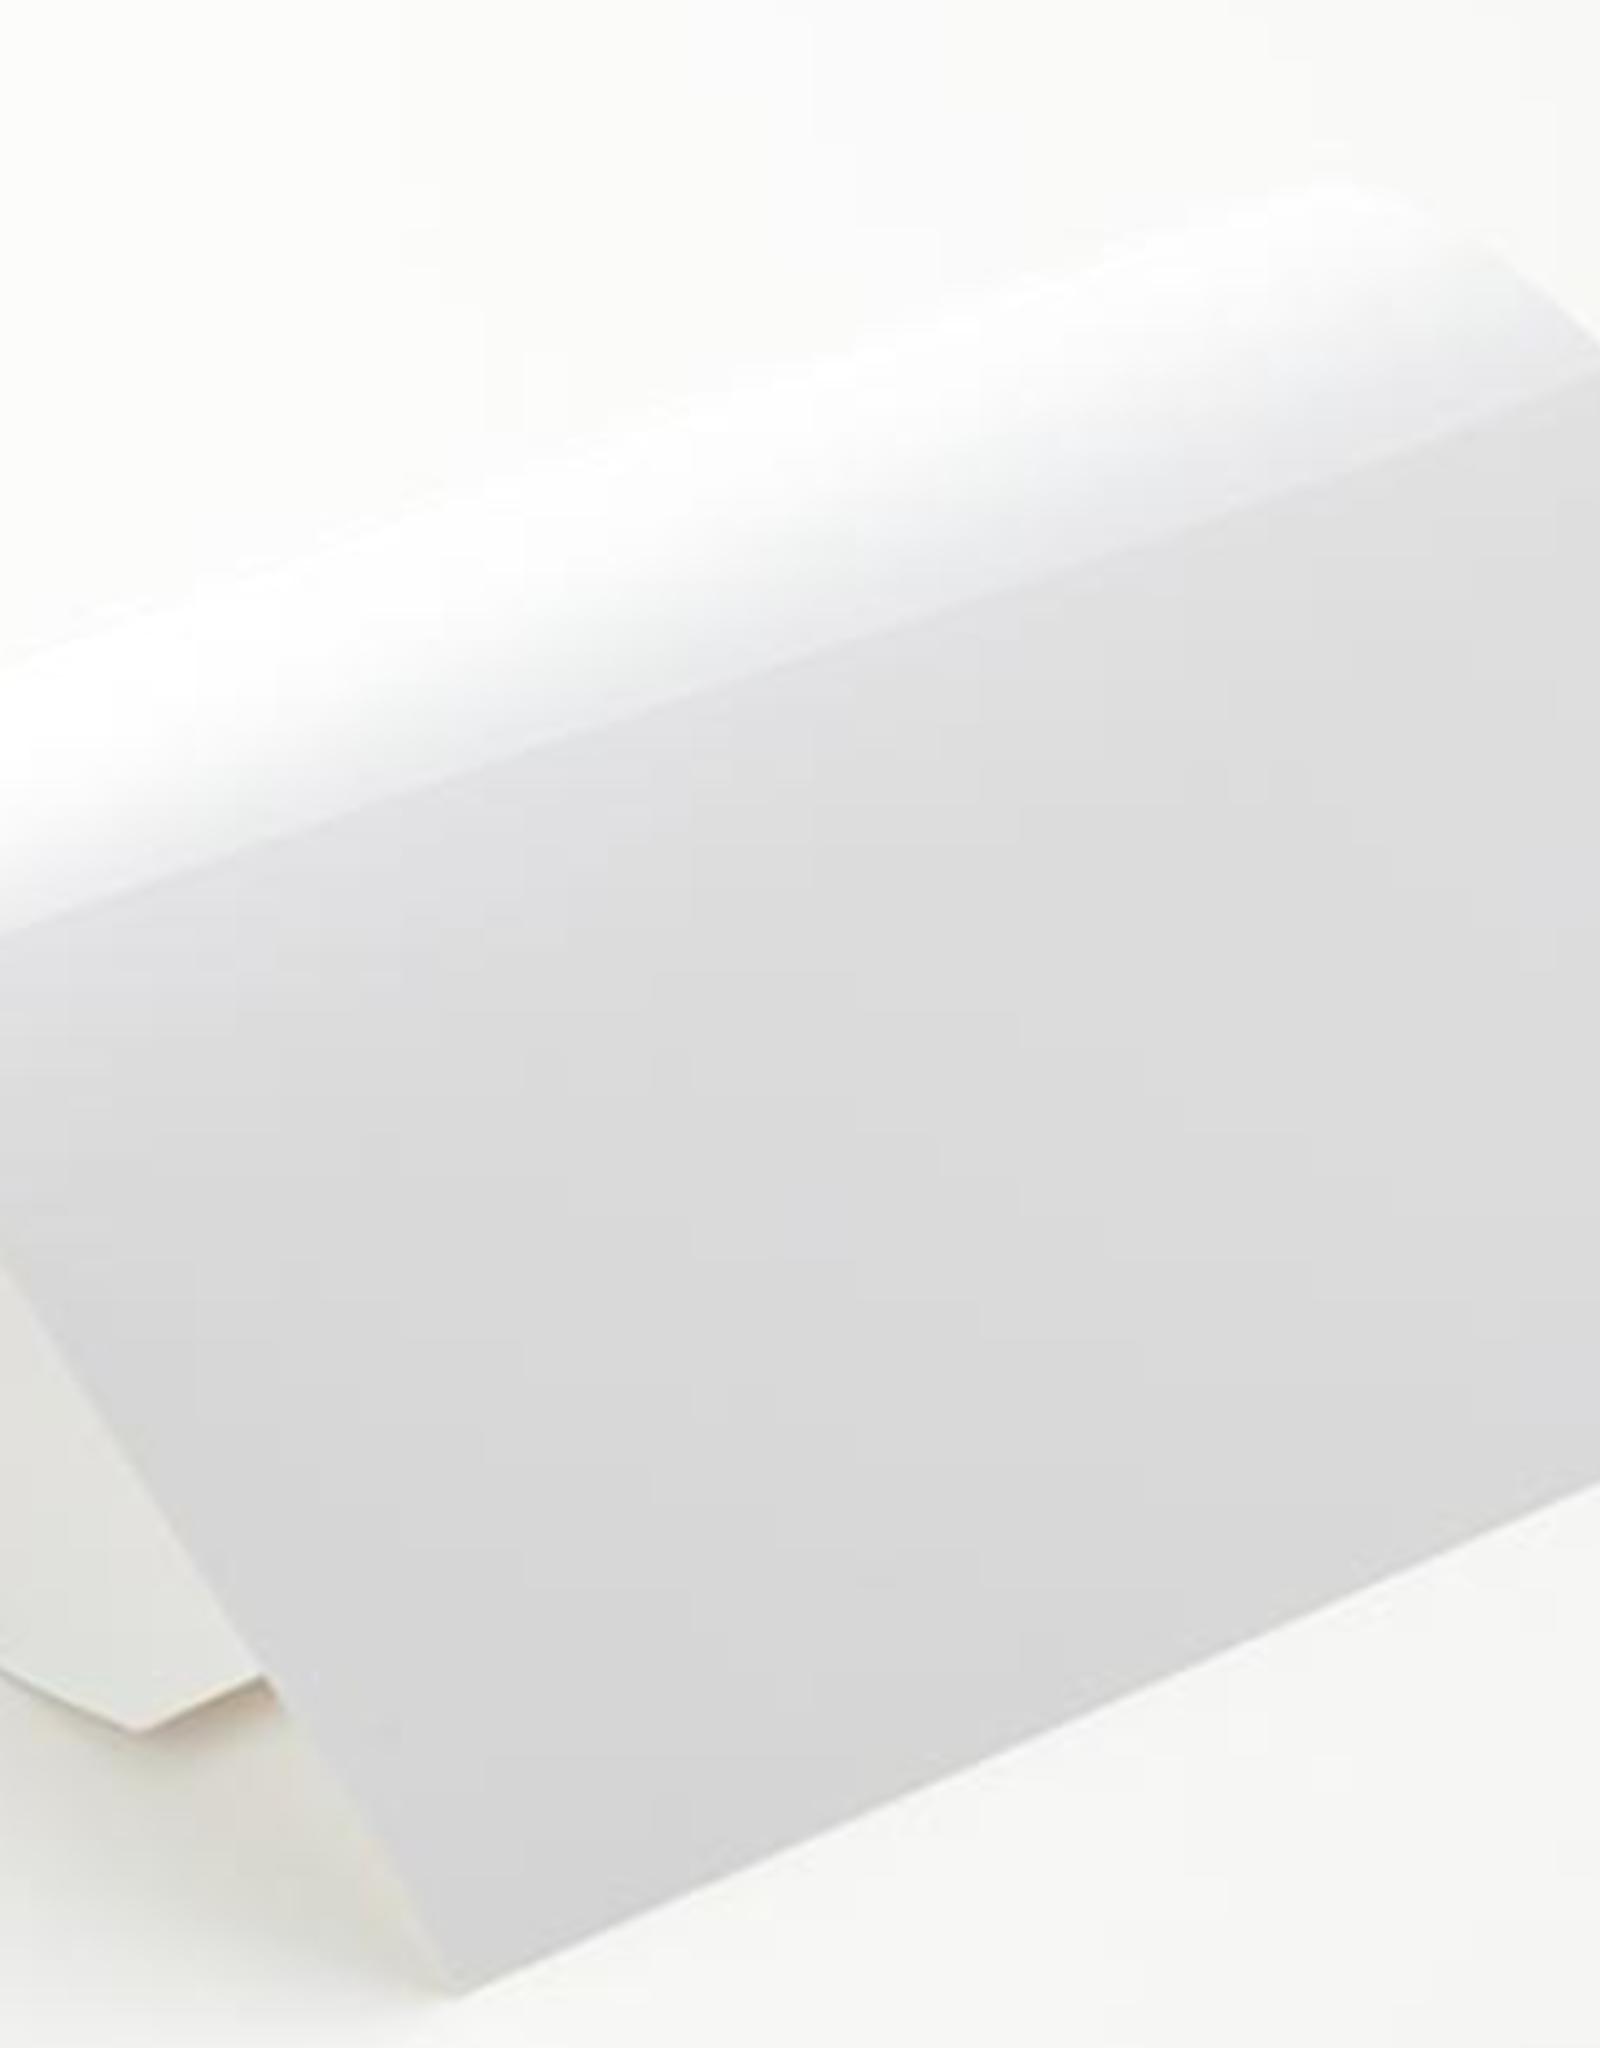 Siser Flexfolie  op 30cm hoog wit 01 per 10cm